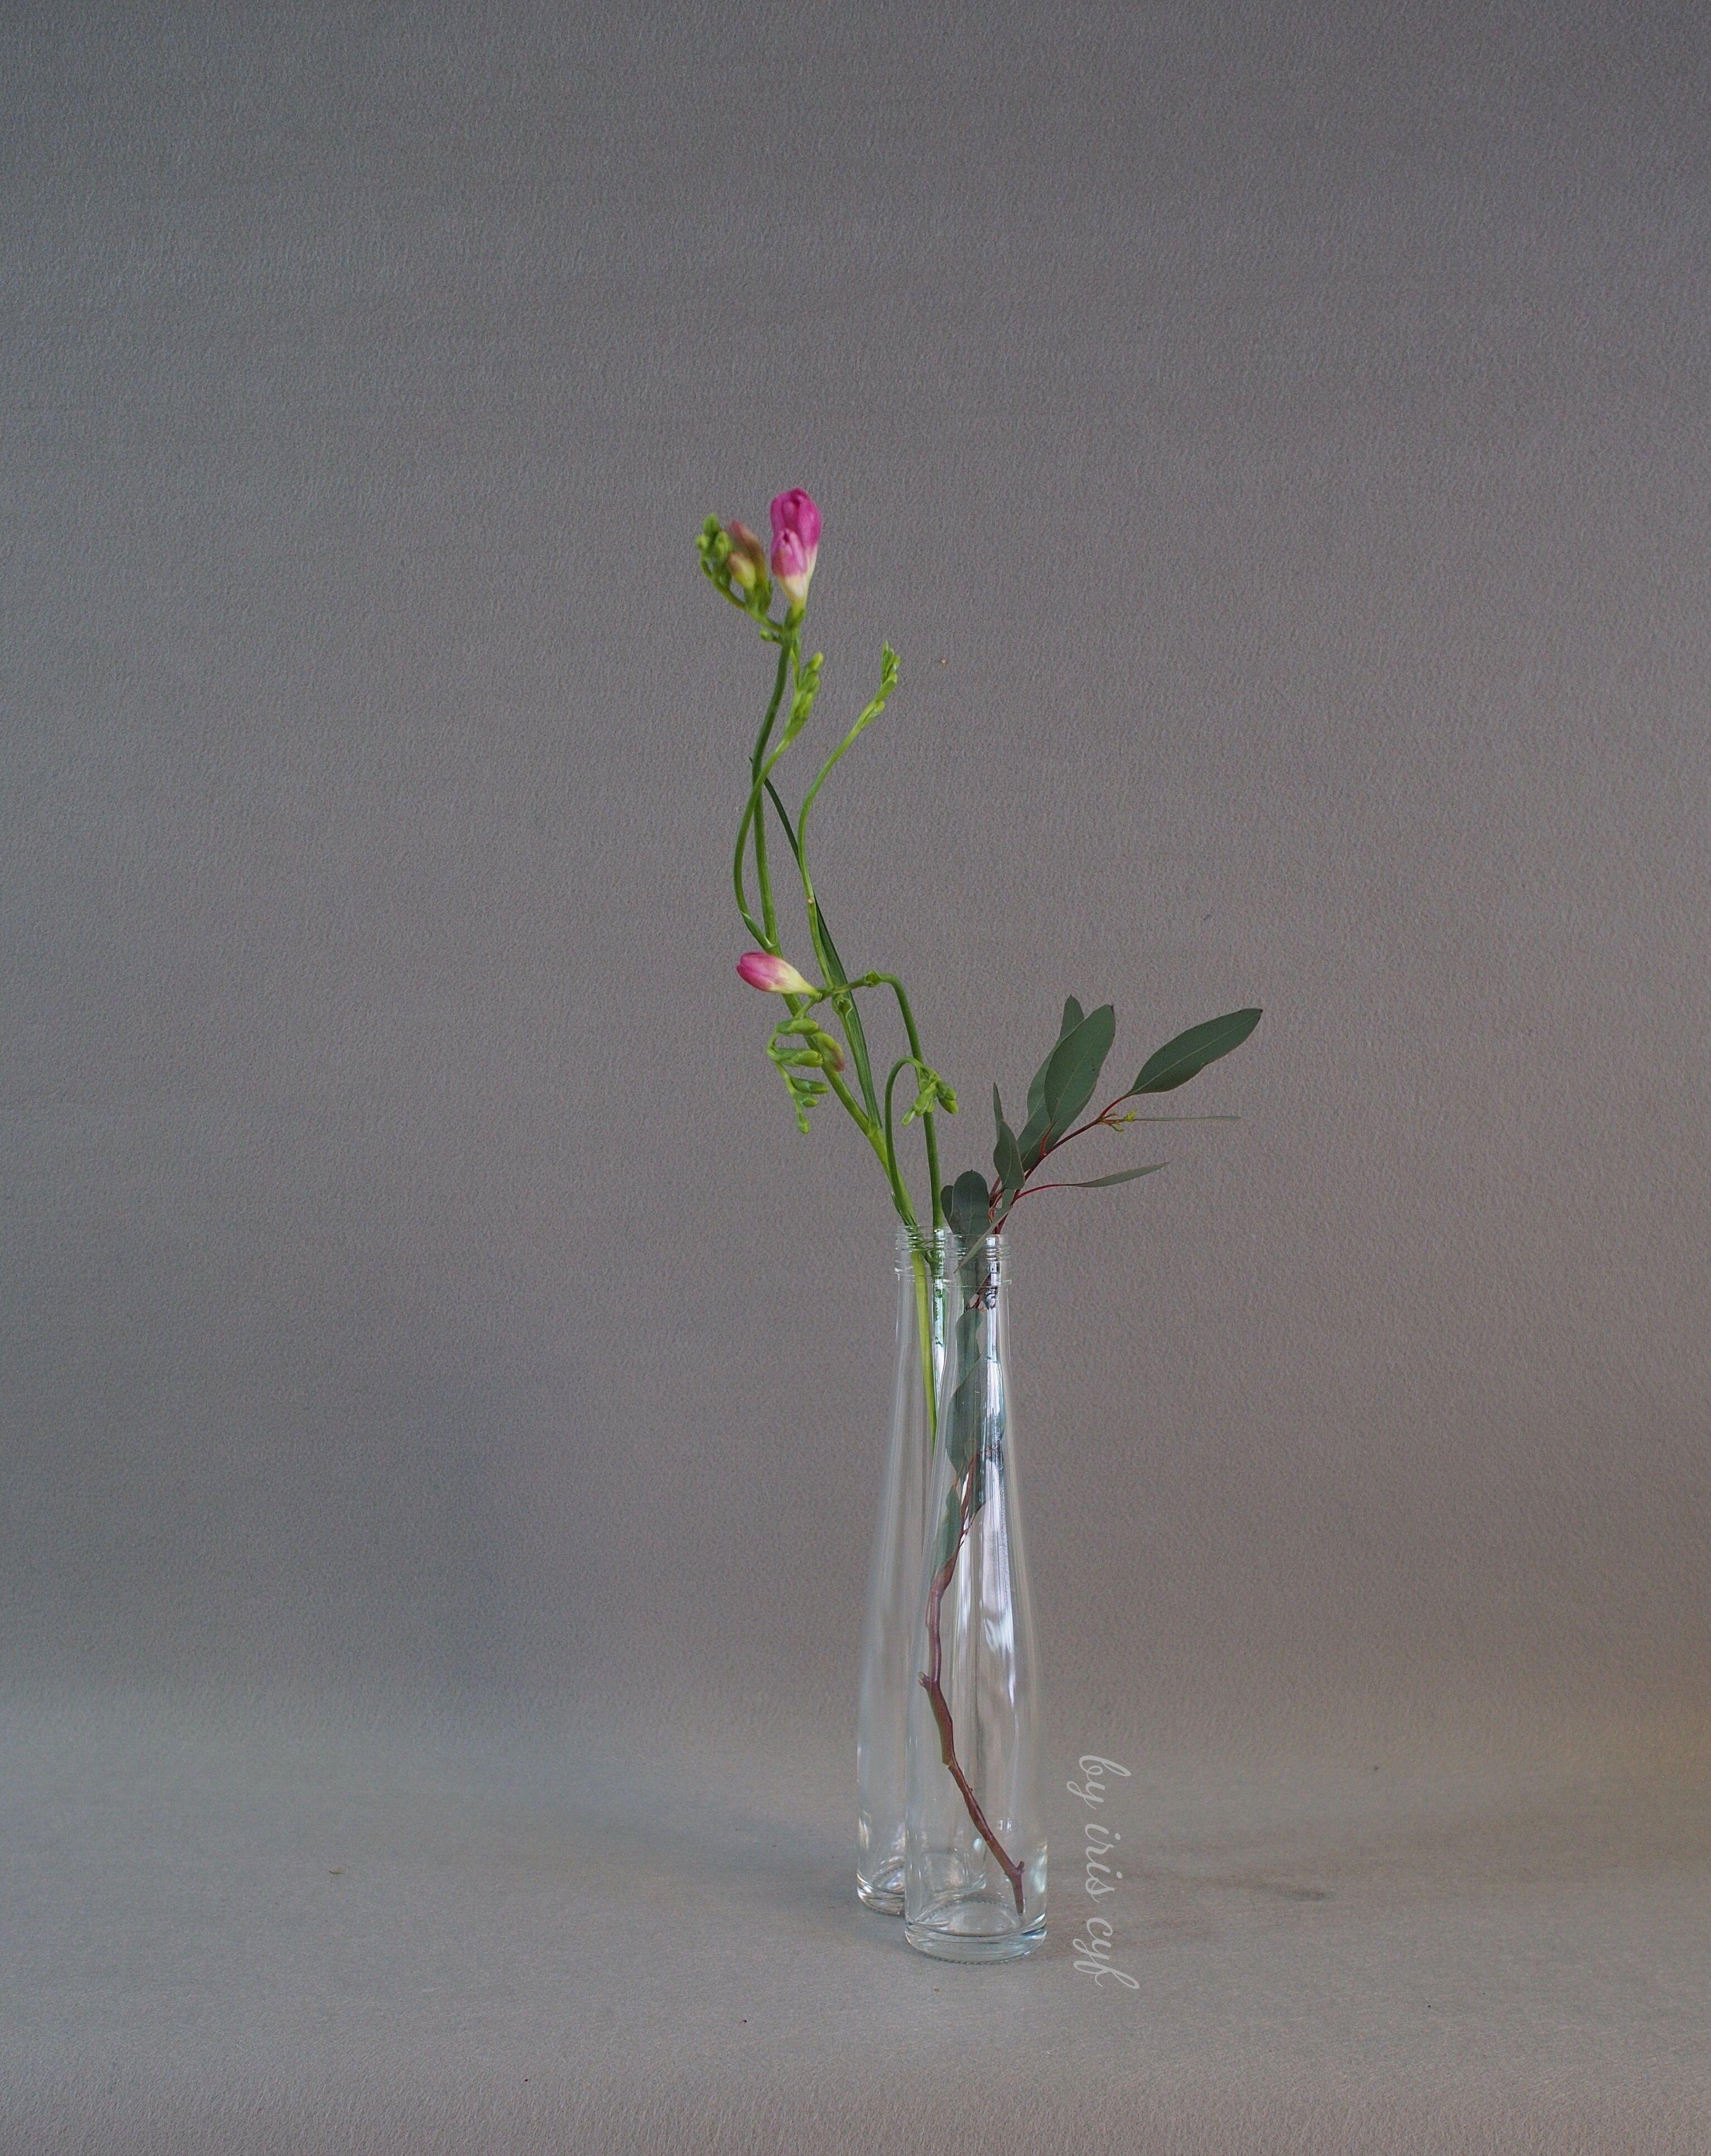 ikebana flower vase of vase glass ikebana rose simplicity ikebana by iriscyf within vase glass ikebana rose simplicity